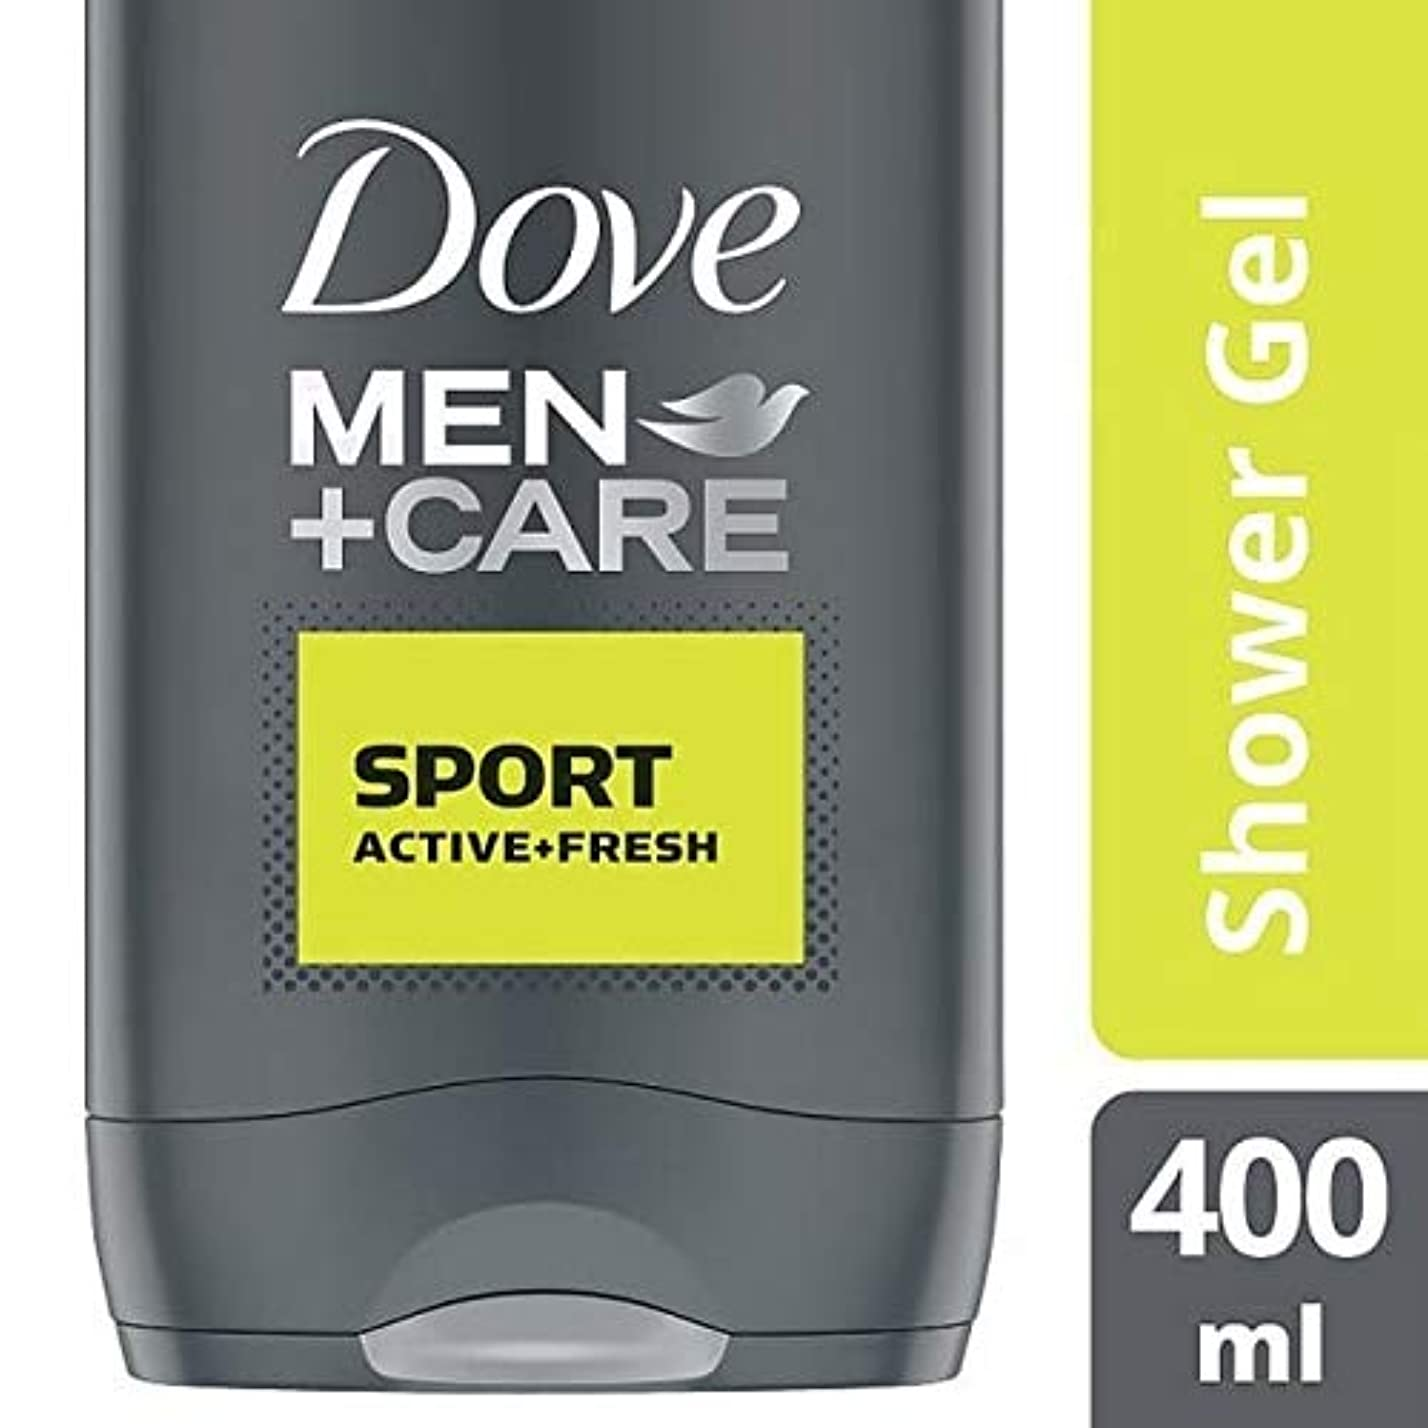 クマノミ年金ライン[Dove ] 鳩の男性+ケアスポーツアクティブ&フレッシュボディウォッシュ400ミリリットル - Dove Men + Care Sport Active & Fresh Bodywash 400ml [並行輸入品]